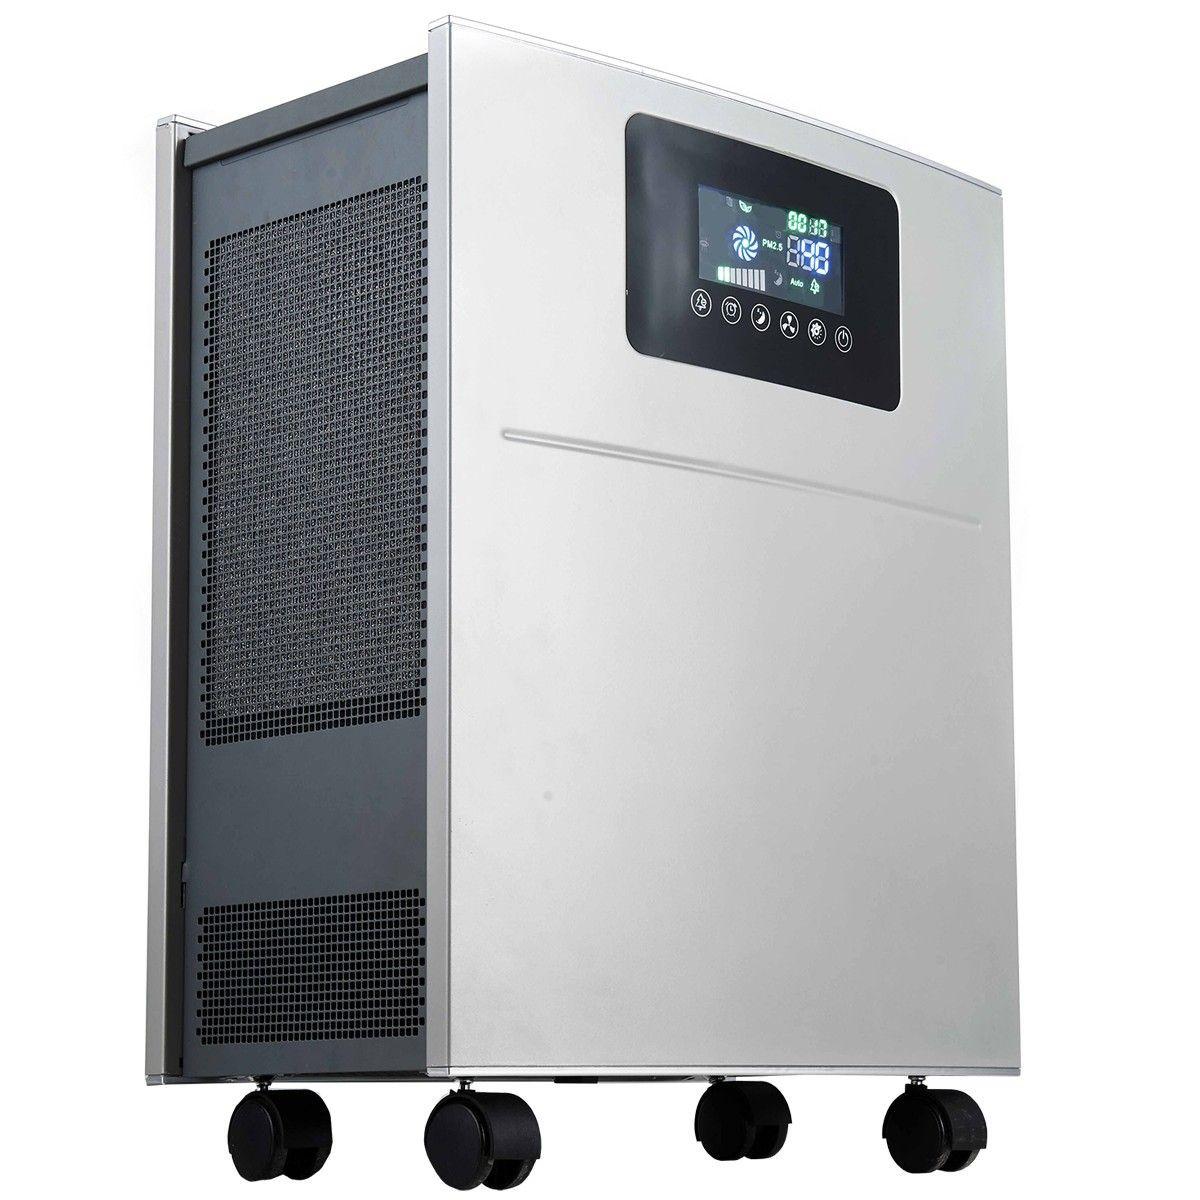 Oczyszczacz powietrza Cronos Professional